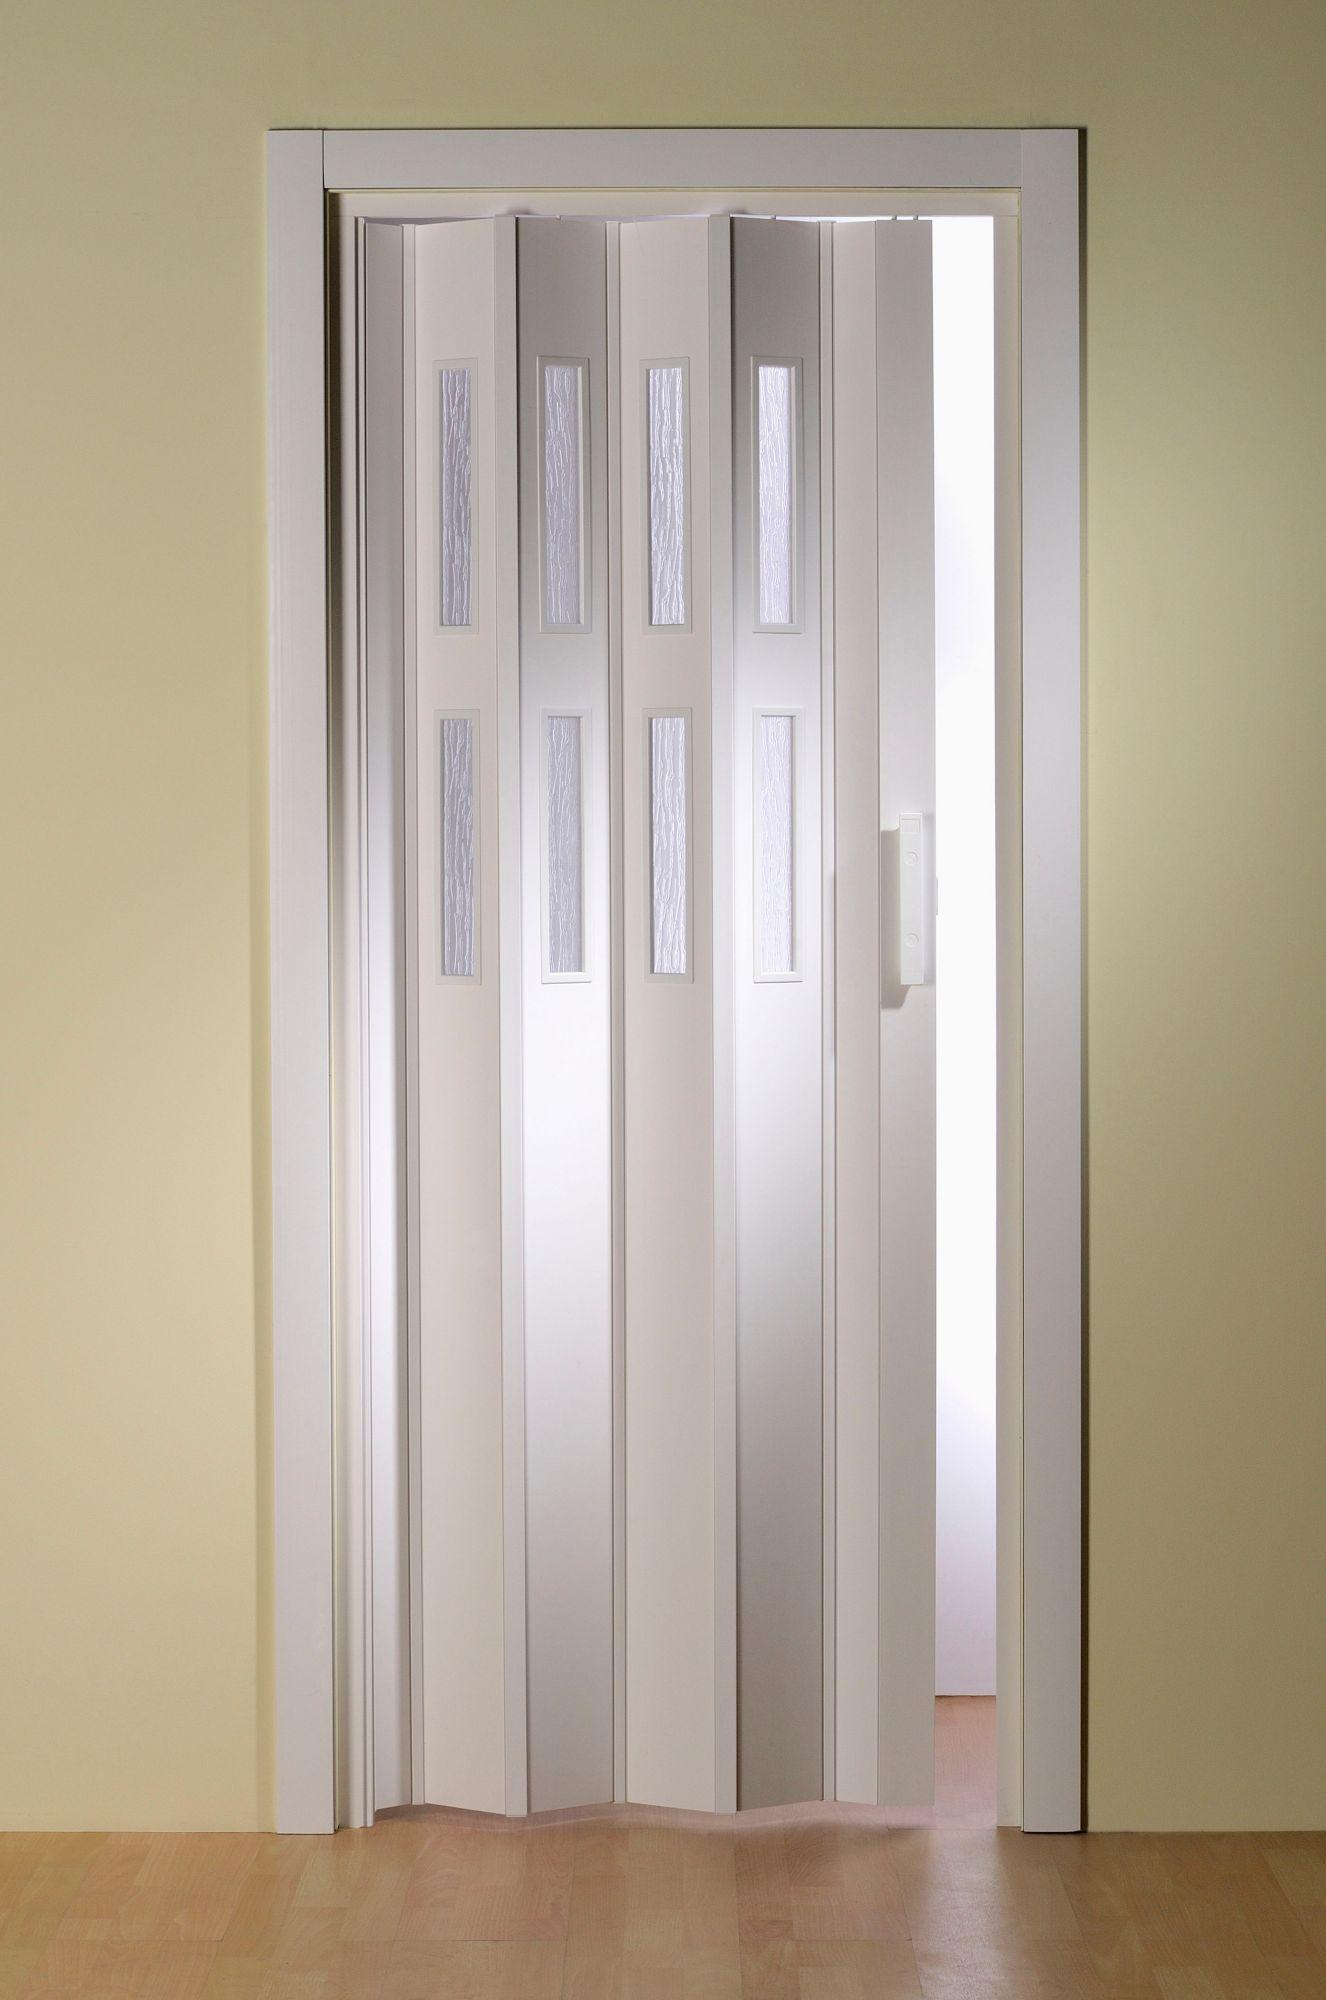 Kunststoff-Falttür »Luciana«, BxH: 88,5x202 cm, Weiß mit Fenstern in Riffelstruktur